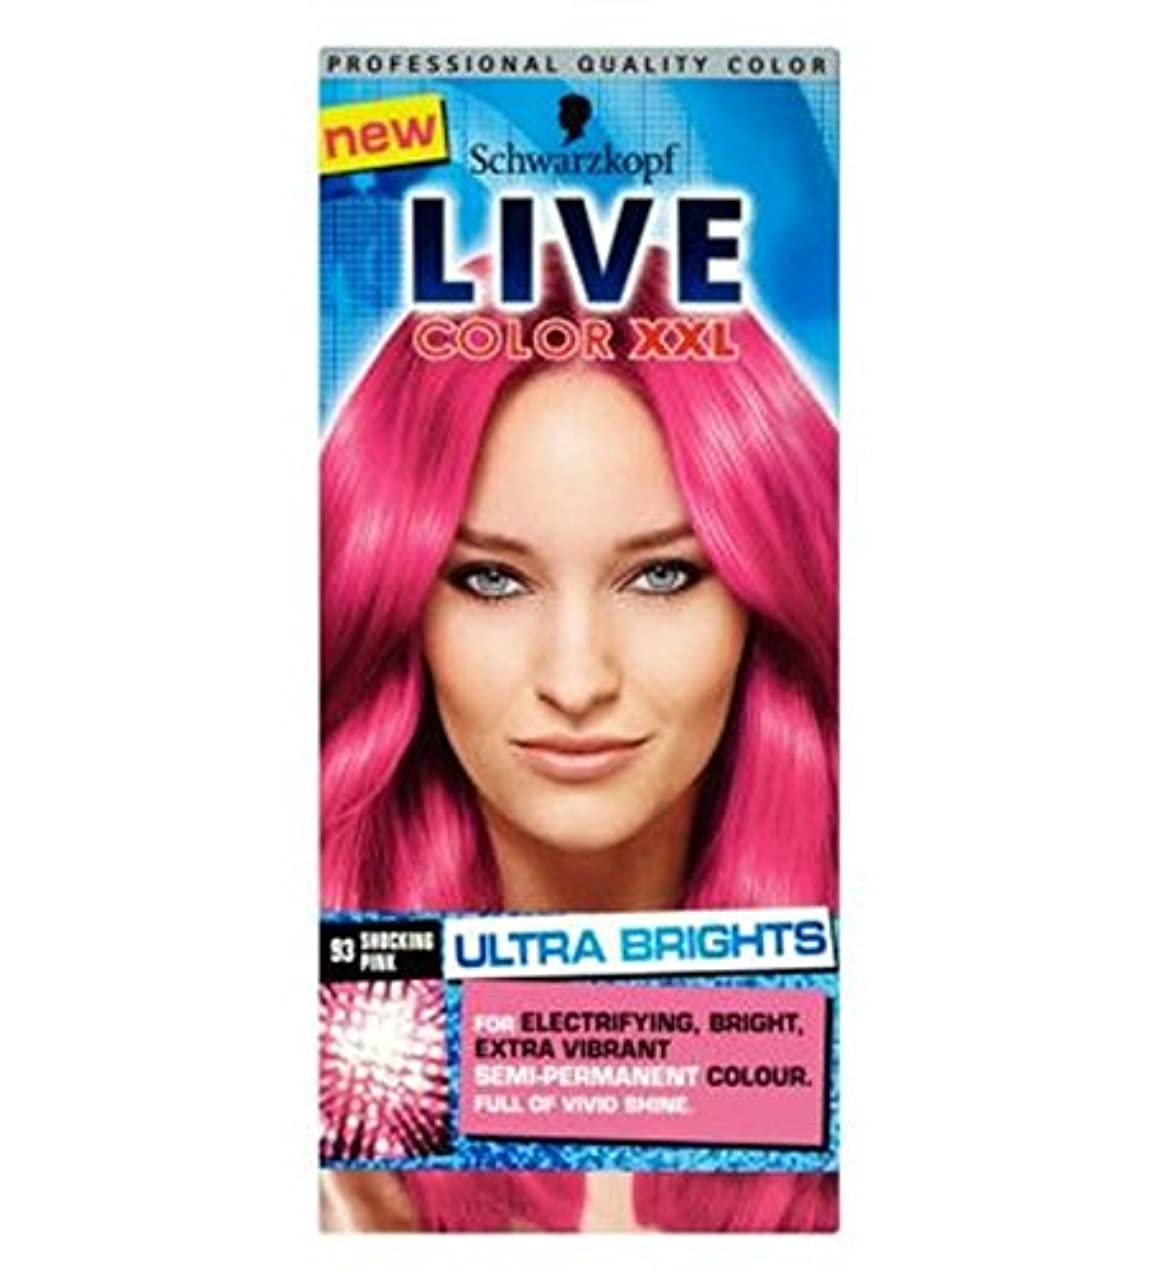 両方フレア秘書シュワルツコフライブカラーXxl超輝93ショッキングピンクの半永久的なピンクの髪の染料 (Schwarzkopf) (x2) - Schwarzkopf LIVE Color XXL Ultra Brights 93 Shocking Pink Semi-Permanent Pink Hair Dye (Pack of 2) [並行輸入品]